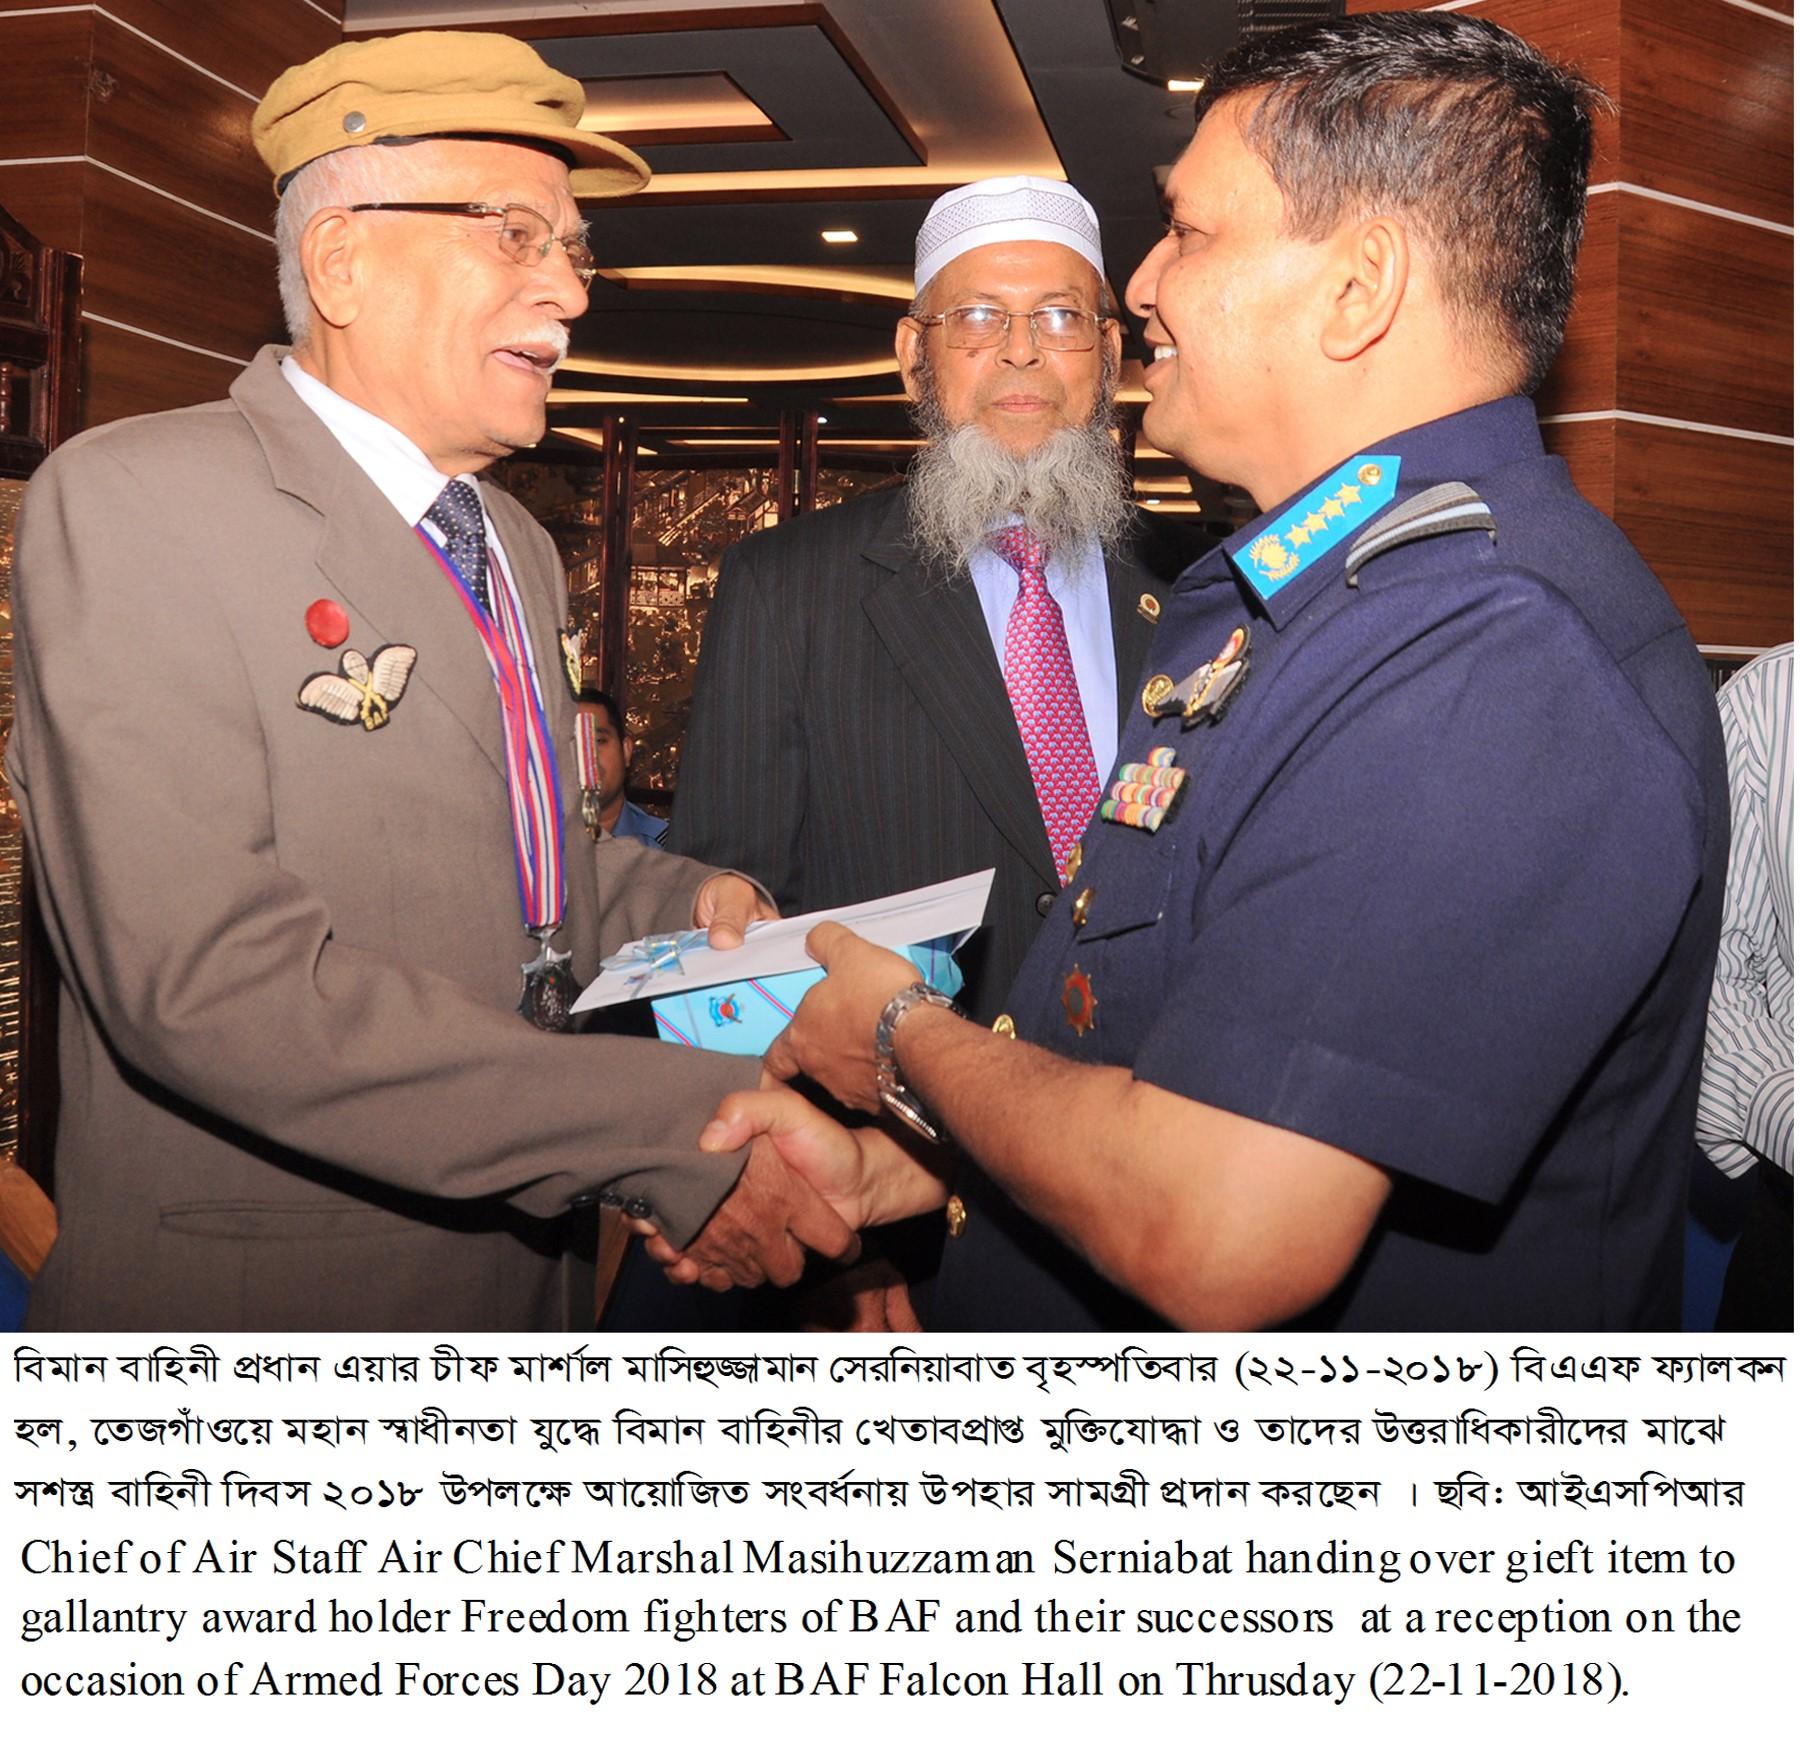 স্বাধীনতাযুদ্ধে বাংলাদেশ বিমান বাহিনীর খেতাবপ্রাপ্ত মুক্তিযোদ্ধা ও  তাঁদের উত্তরাধিকারদের বিমান বাহিনী প্রধানের সংবর্ধনা